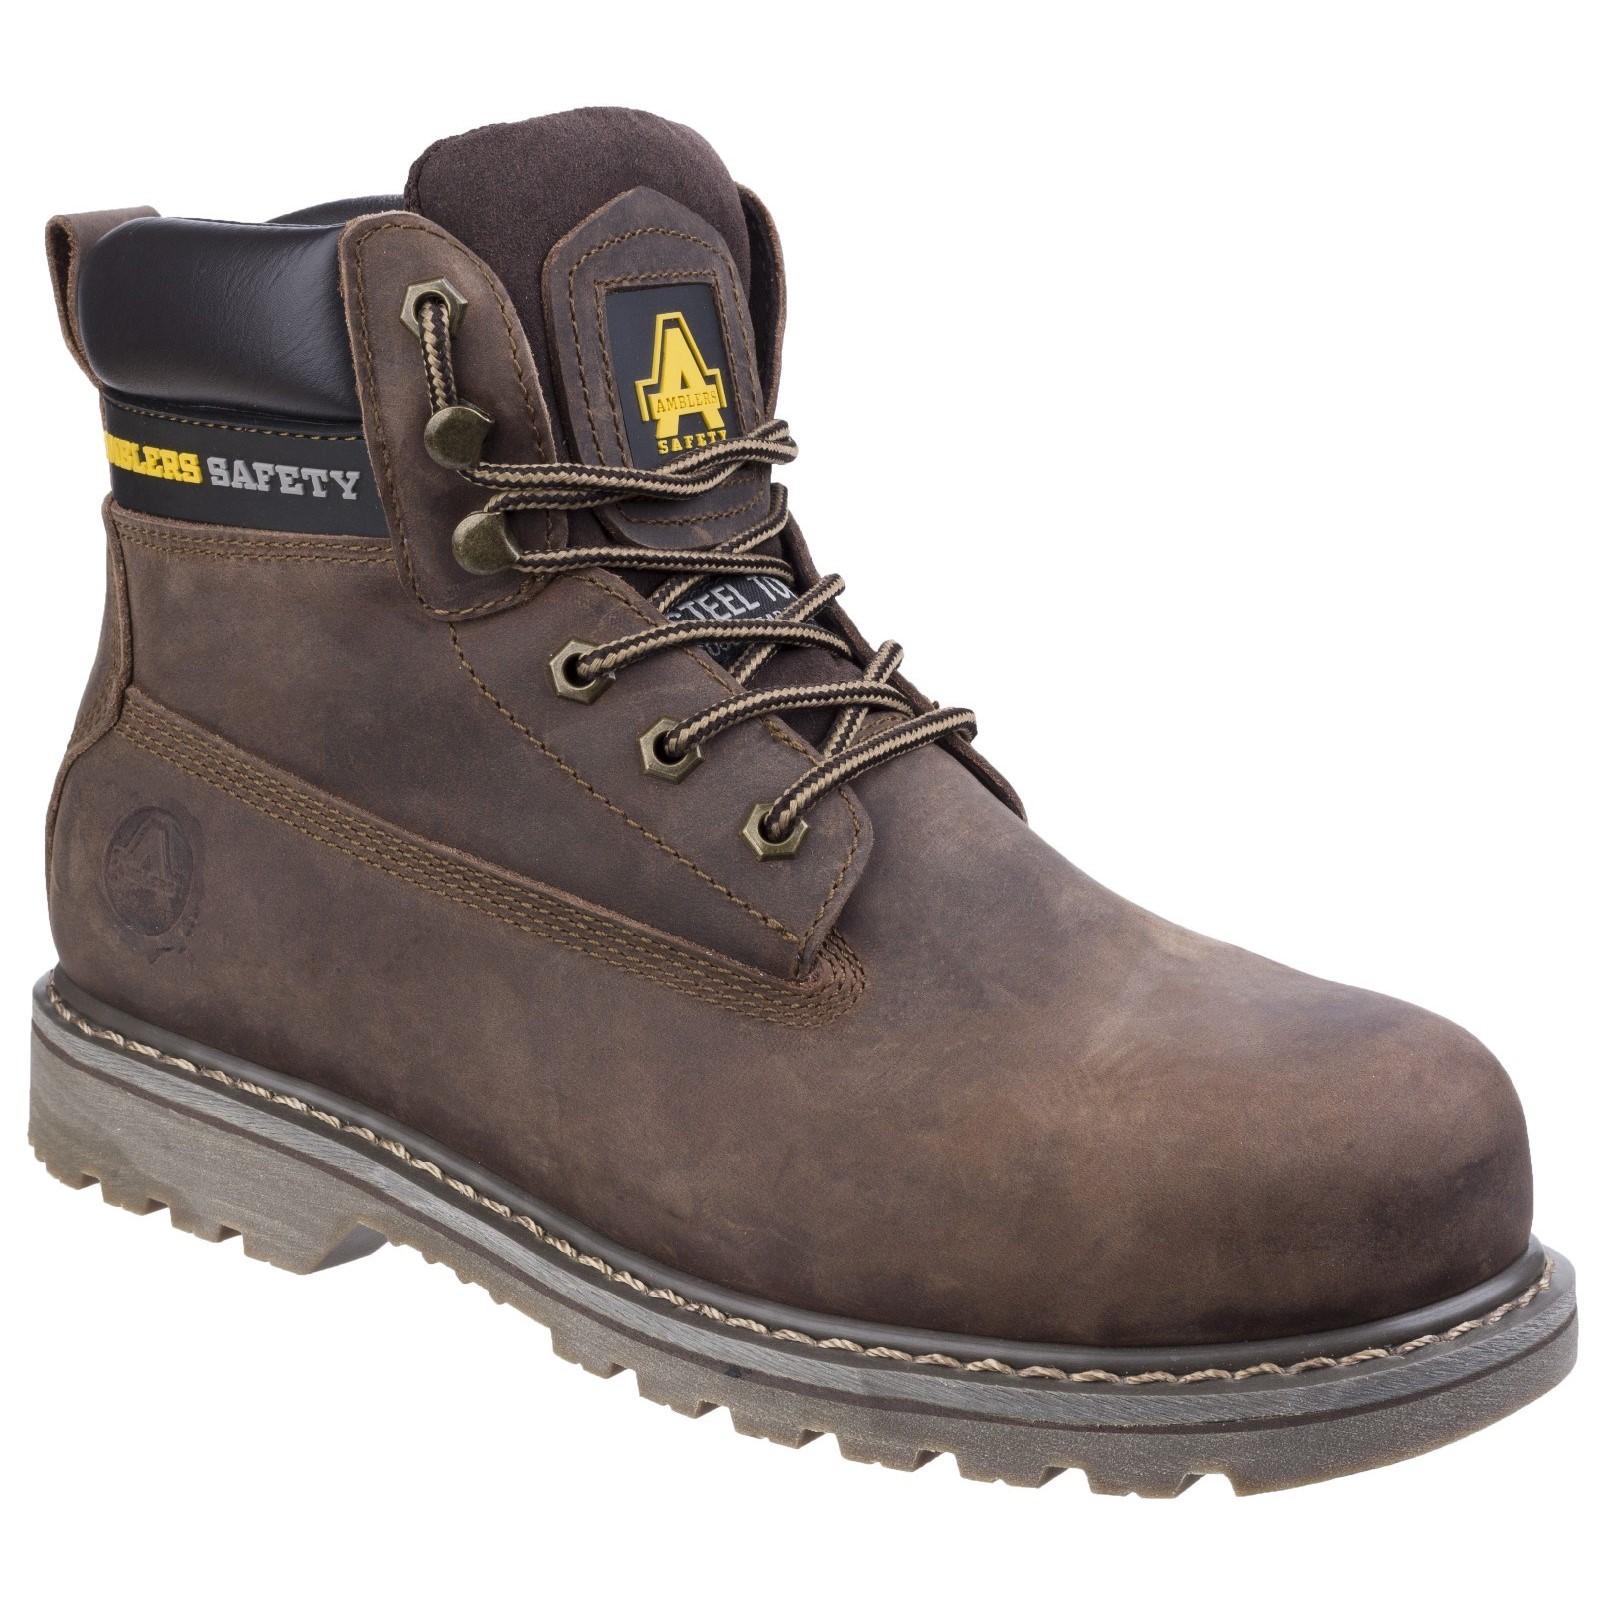 Amblers Seguridad FS164 Goodyear Welted Unisex Con Cordones botas De Seguridad Industrial